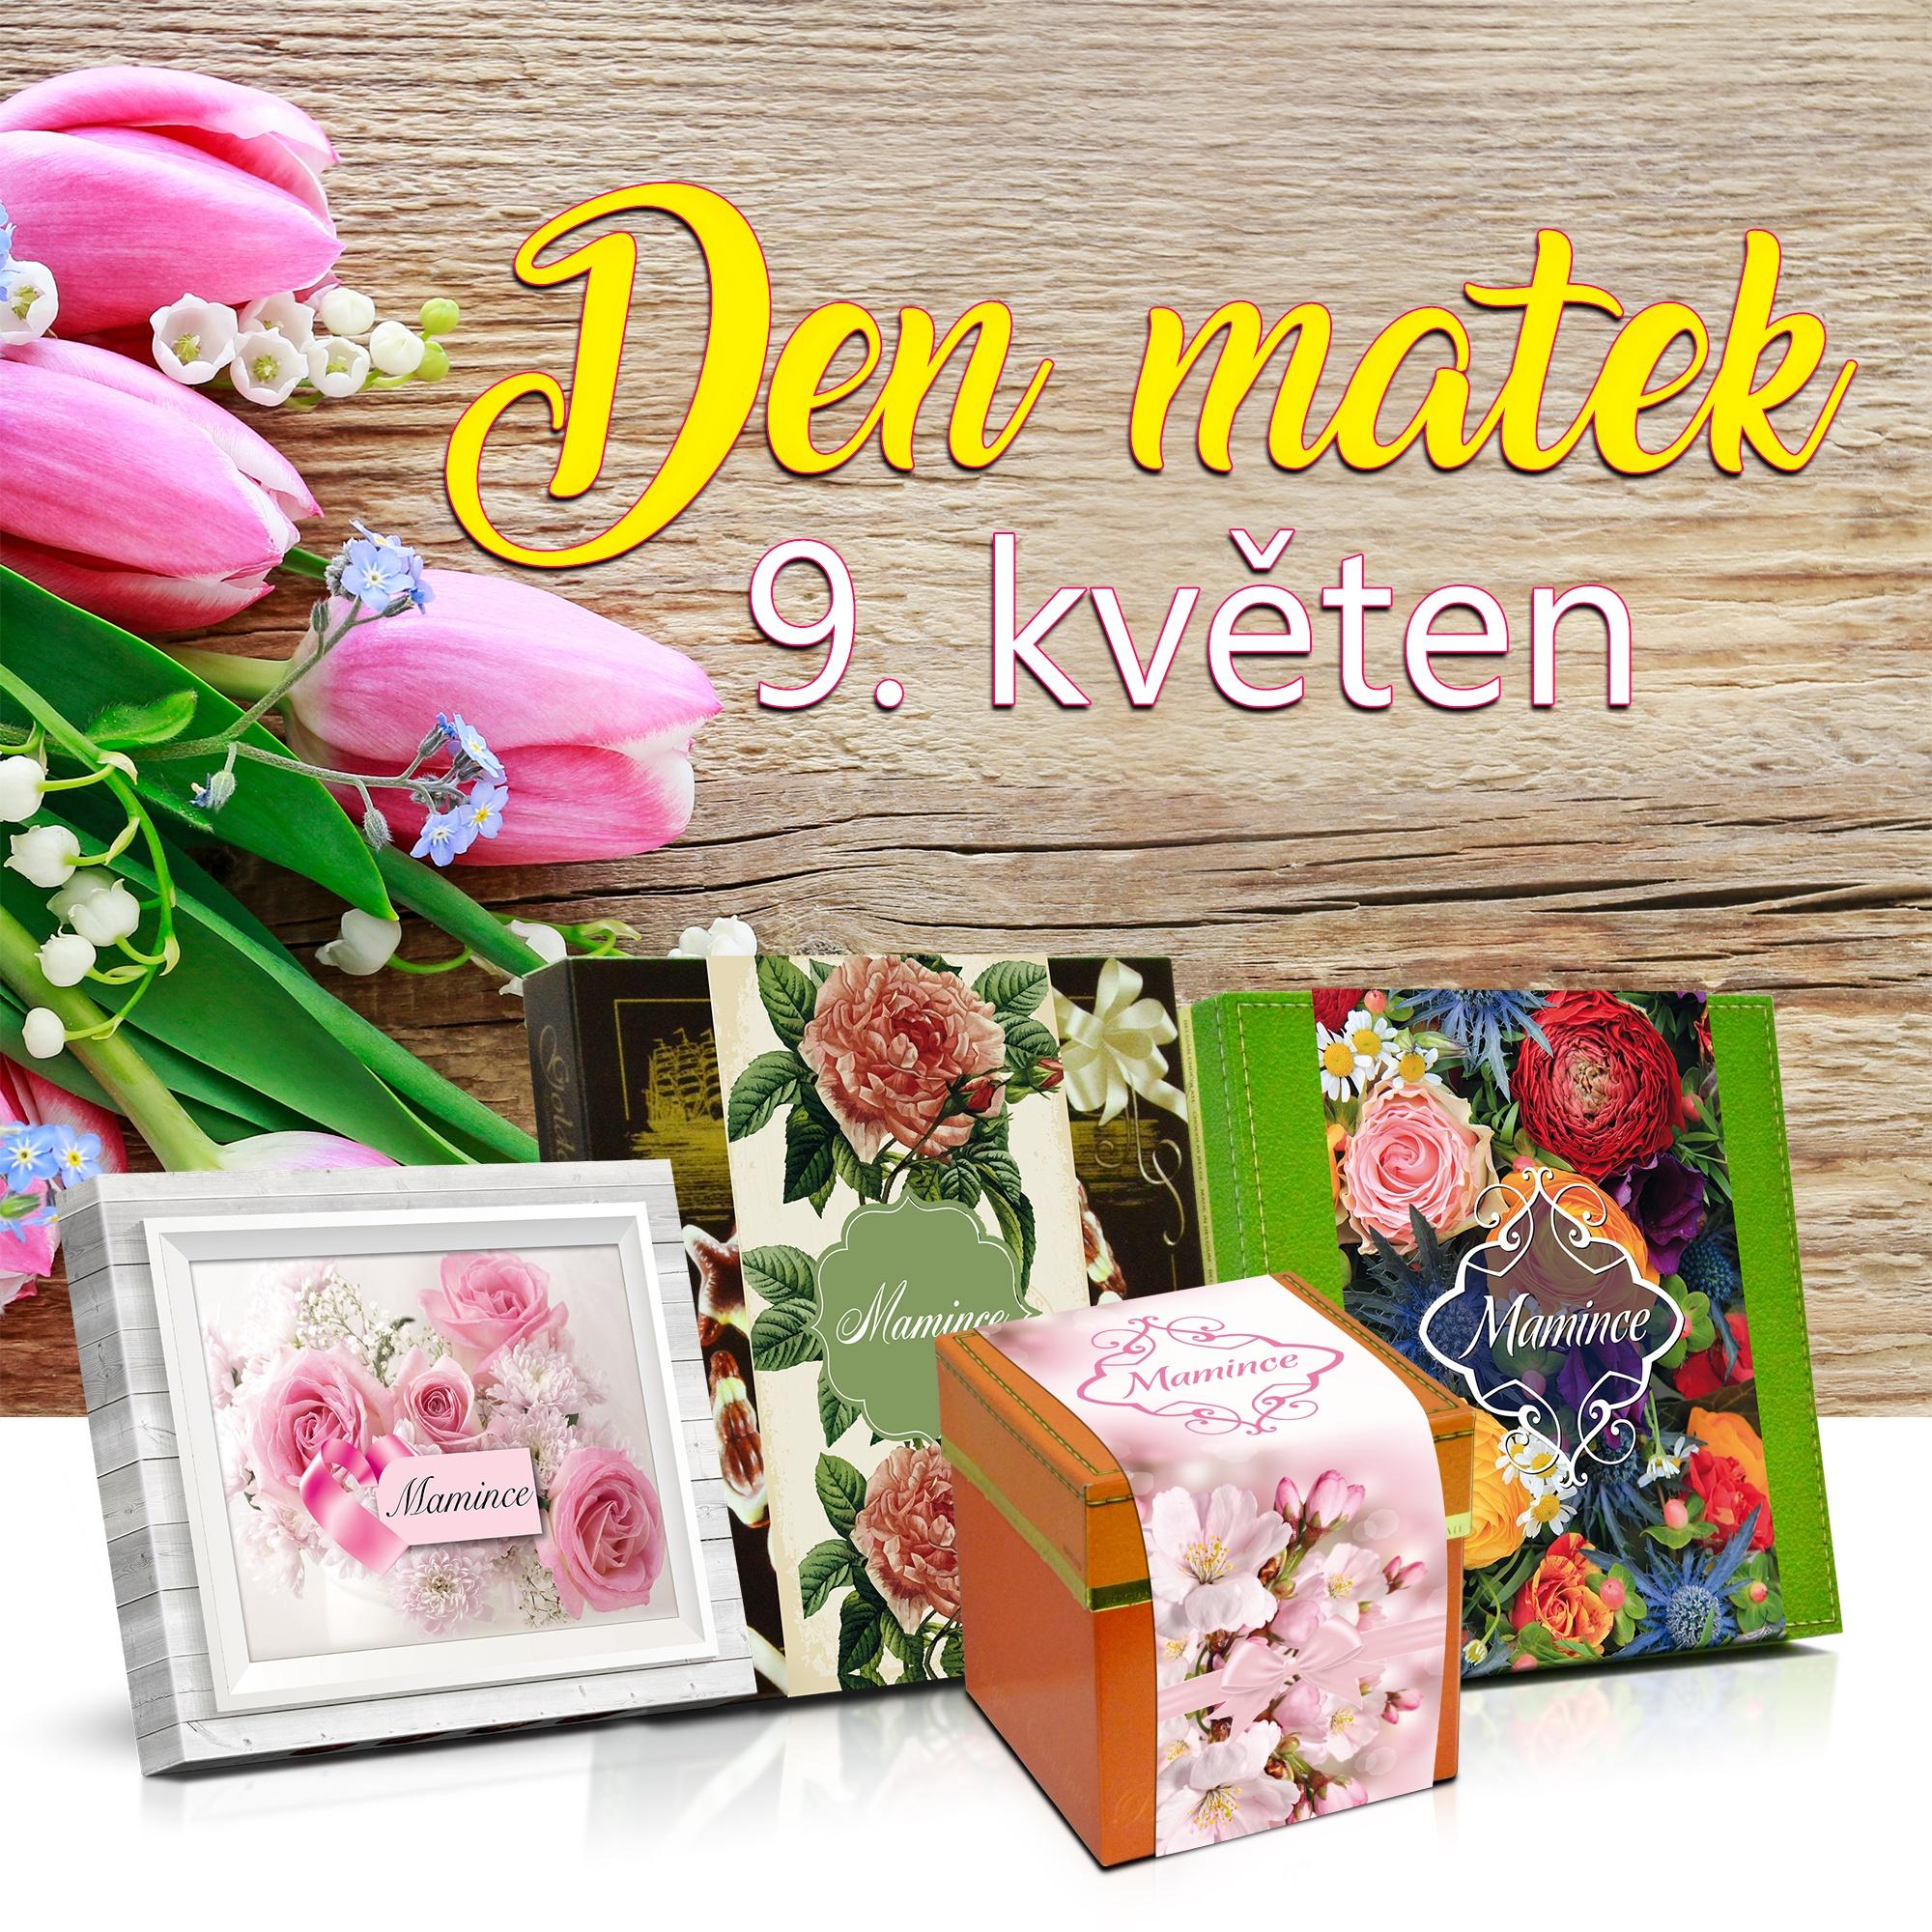 Luxusni_cokolady_Den_matek_2000x2000